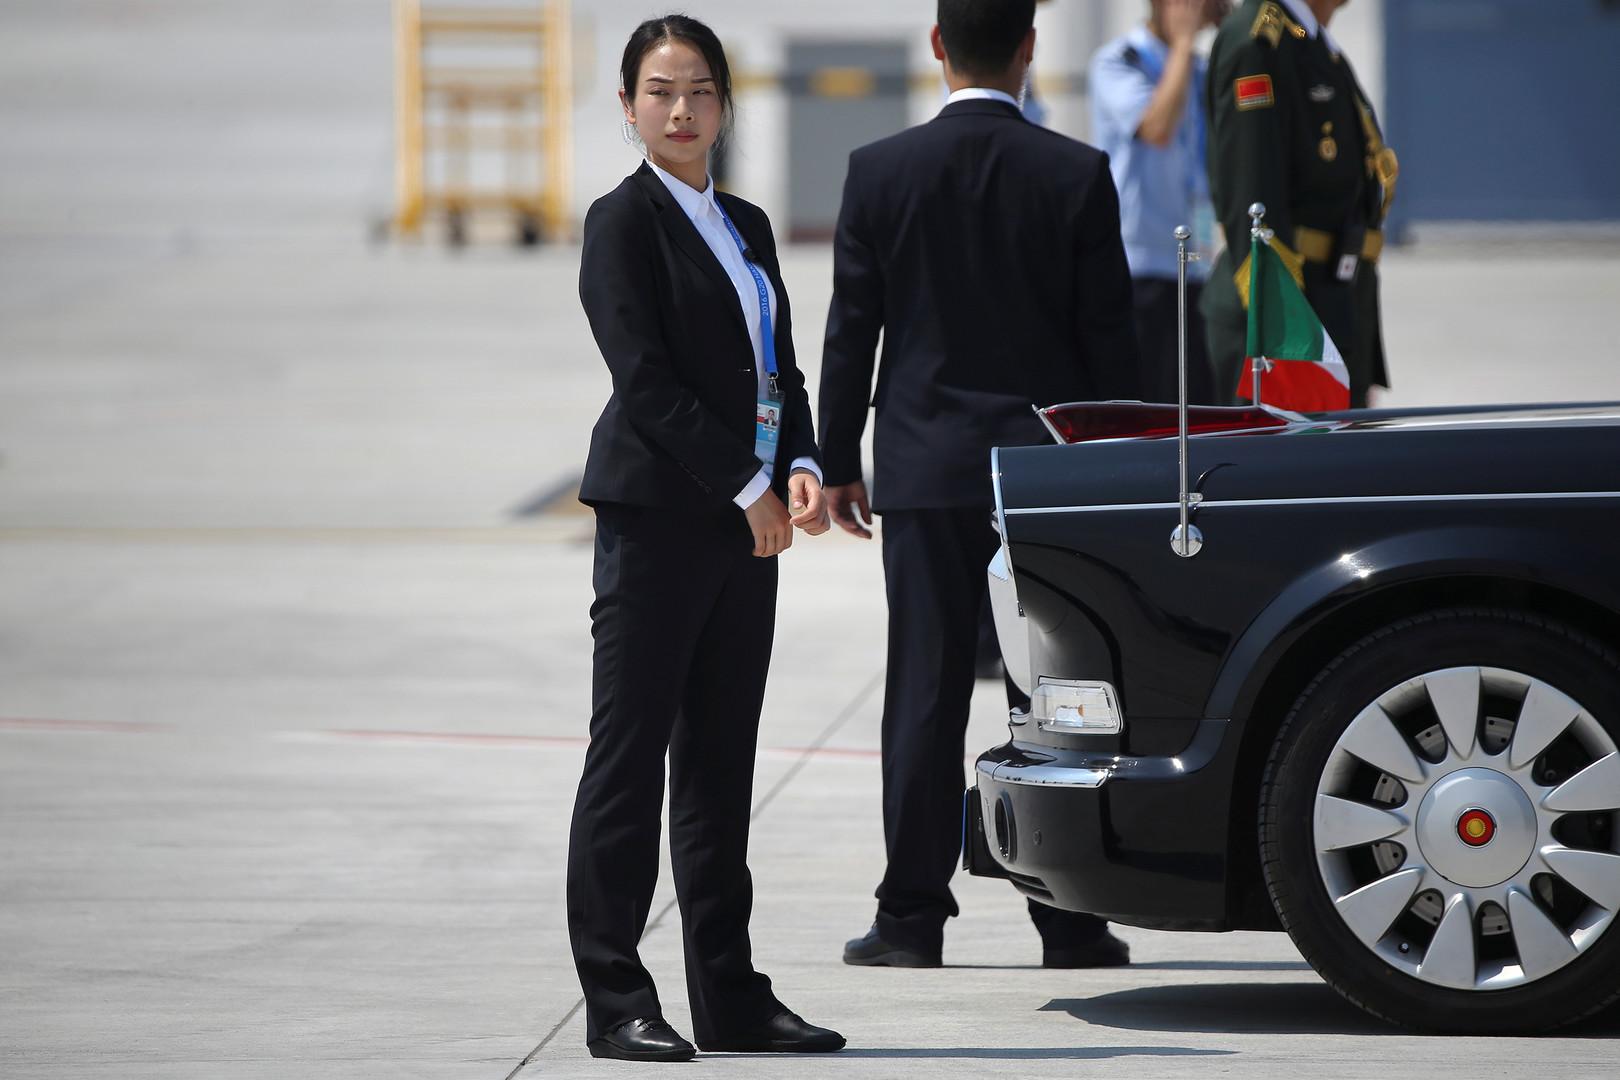 Sicherheitsfrau am Wagen für den italienischen Premierminister, Matteo Renzi, im Flughafen Hangzhou Xiaoshan